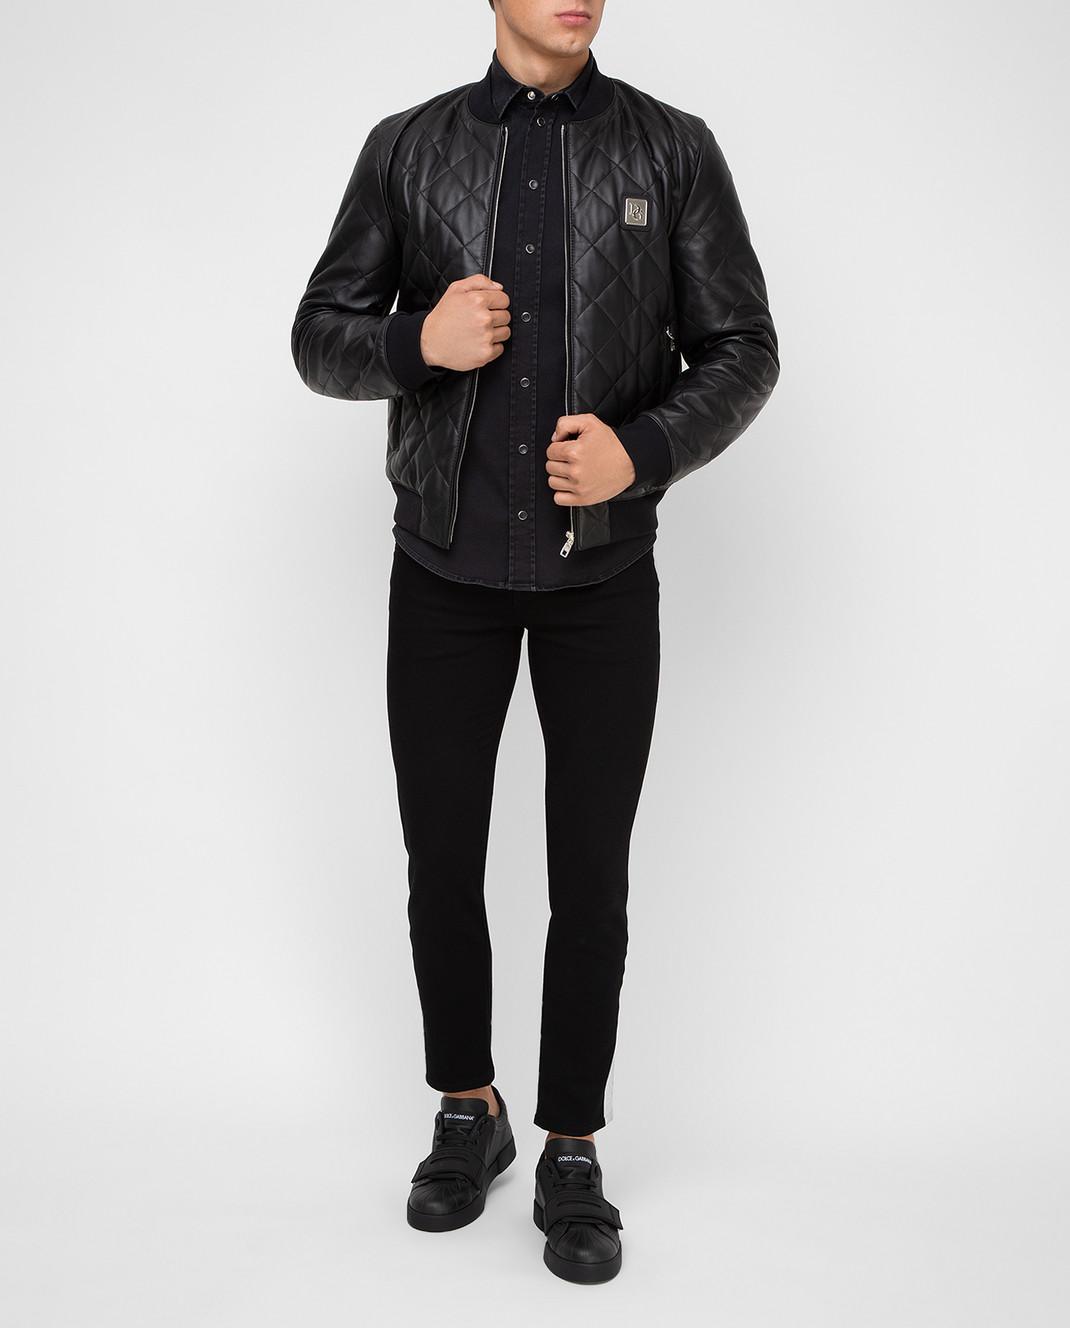 Dolce&Gabbana Черный кожаный бомбер изображение 2